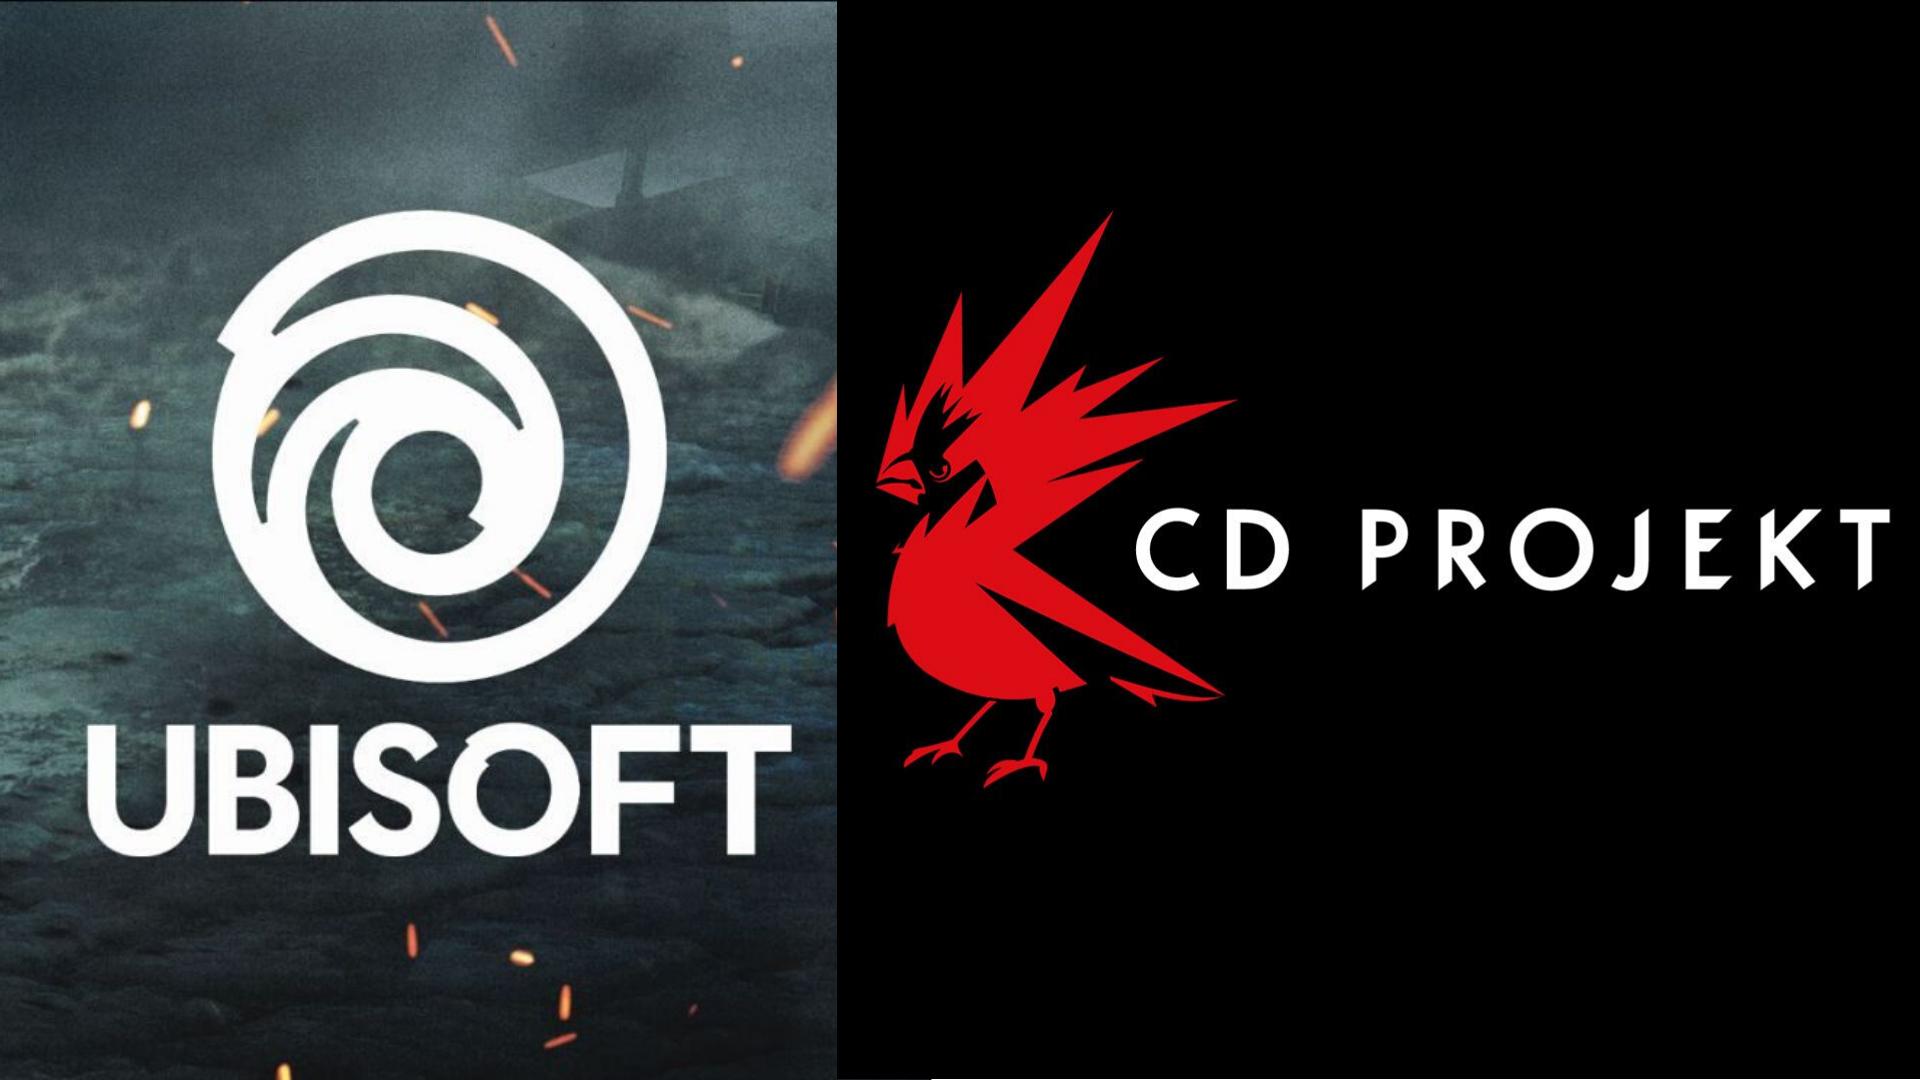 Analyse : Comment CD Projekt a-t-il détrôné Ubisoft en bourse ?